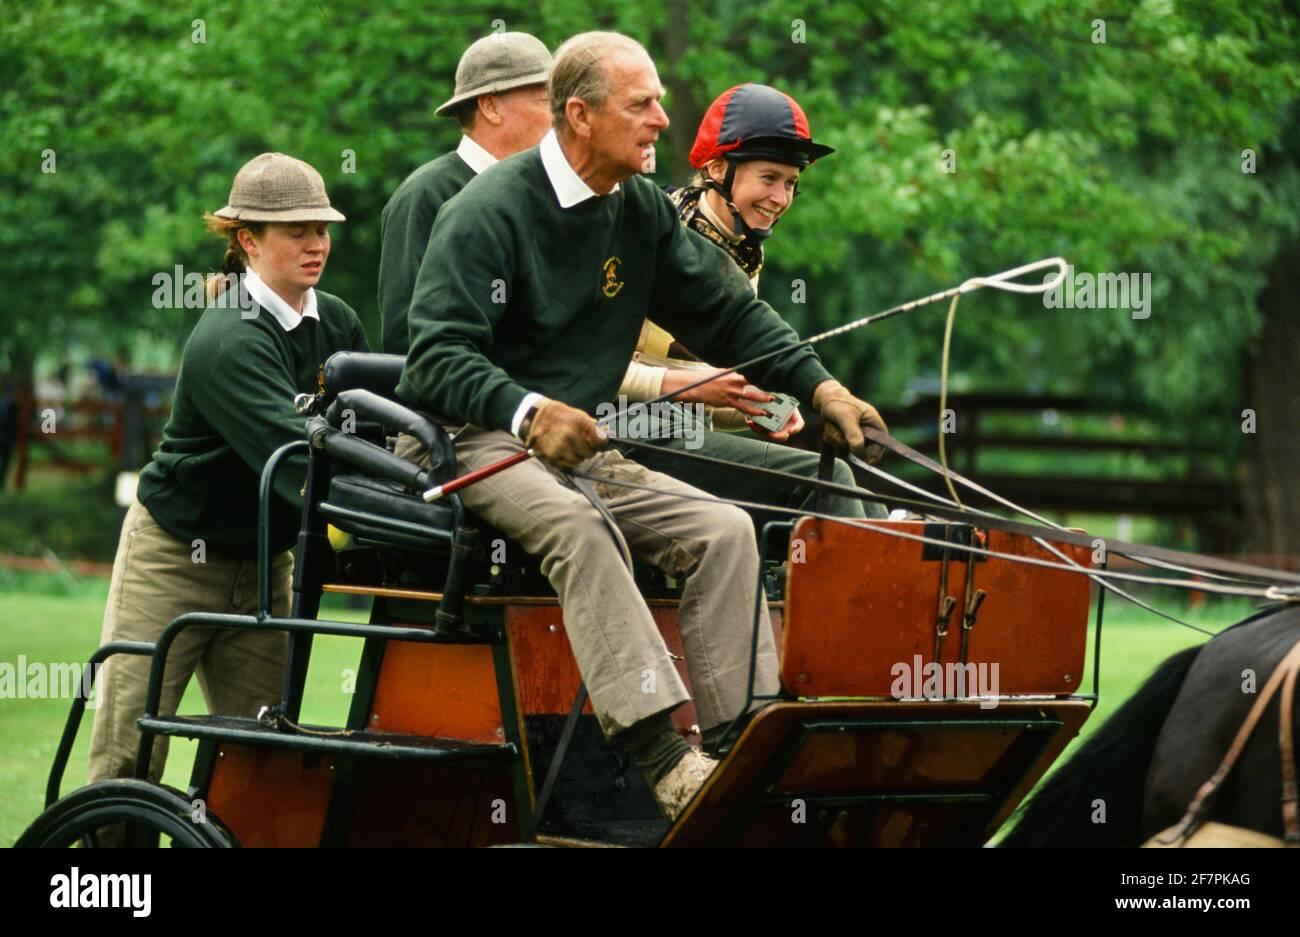 PHOTO DE FICHIER. Surrey. ROYAUME-UNI. Le prince Philip, une calèche du duc d'Édimbourg, se trouve au Windsor Horse Show. Crédit : michael melia/Alay Live News Banque D'Images